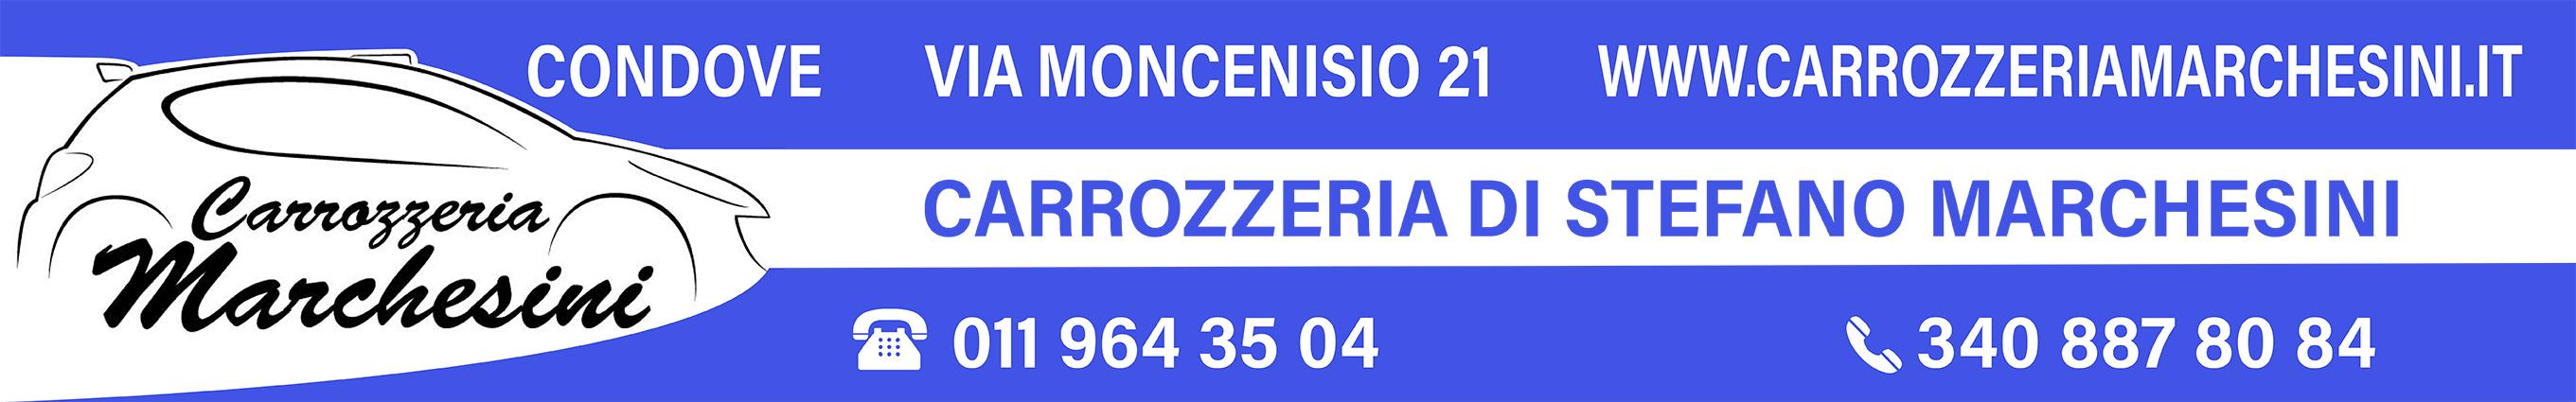 CARROZZERIA MARCHESINI